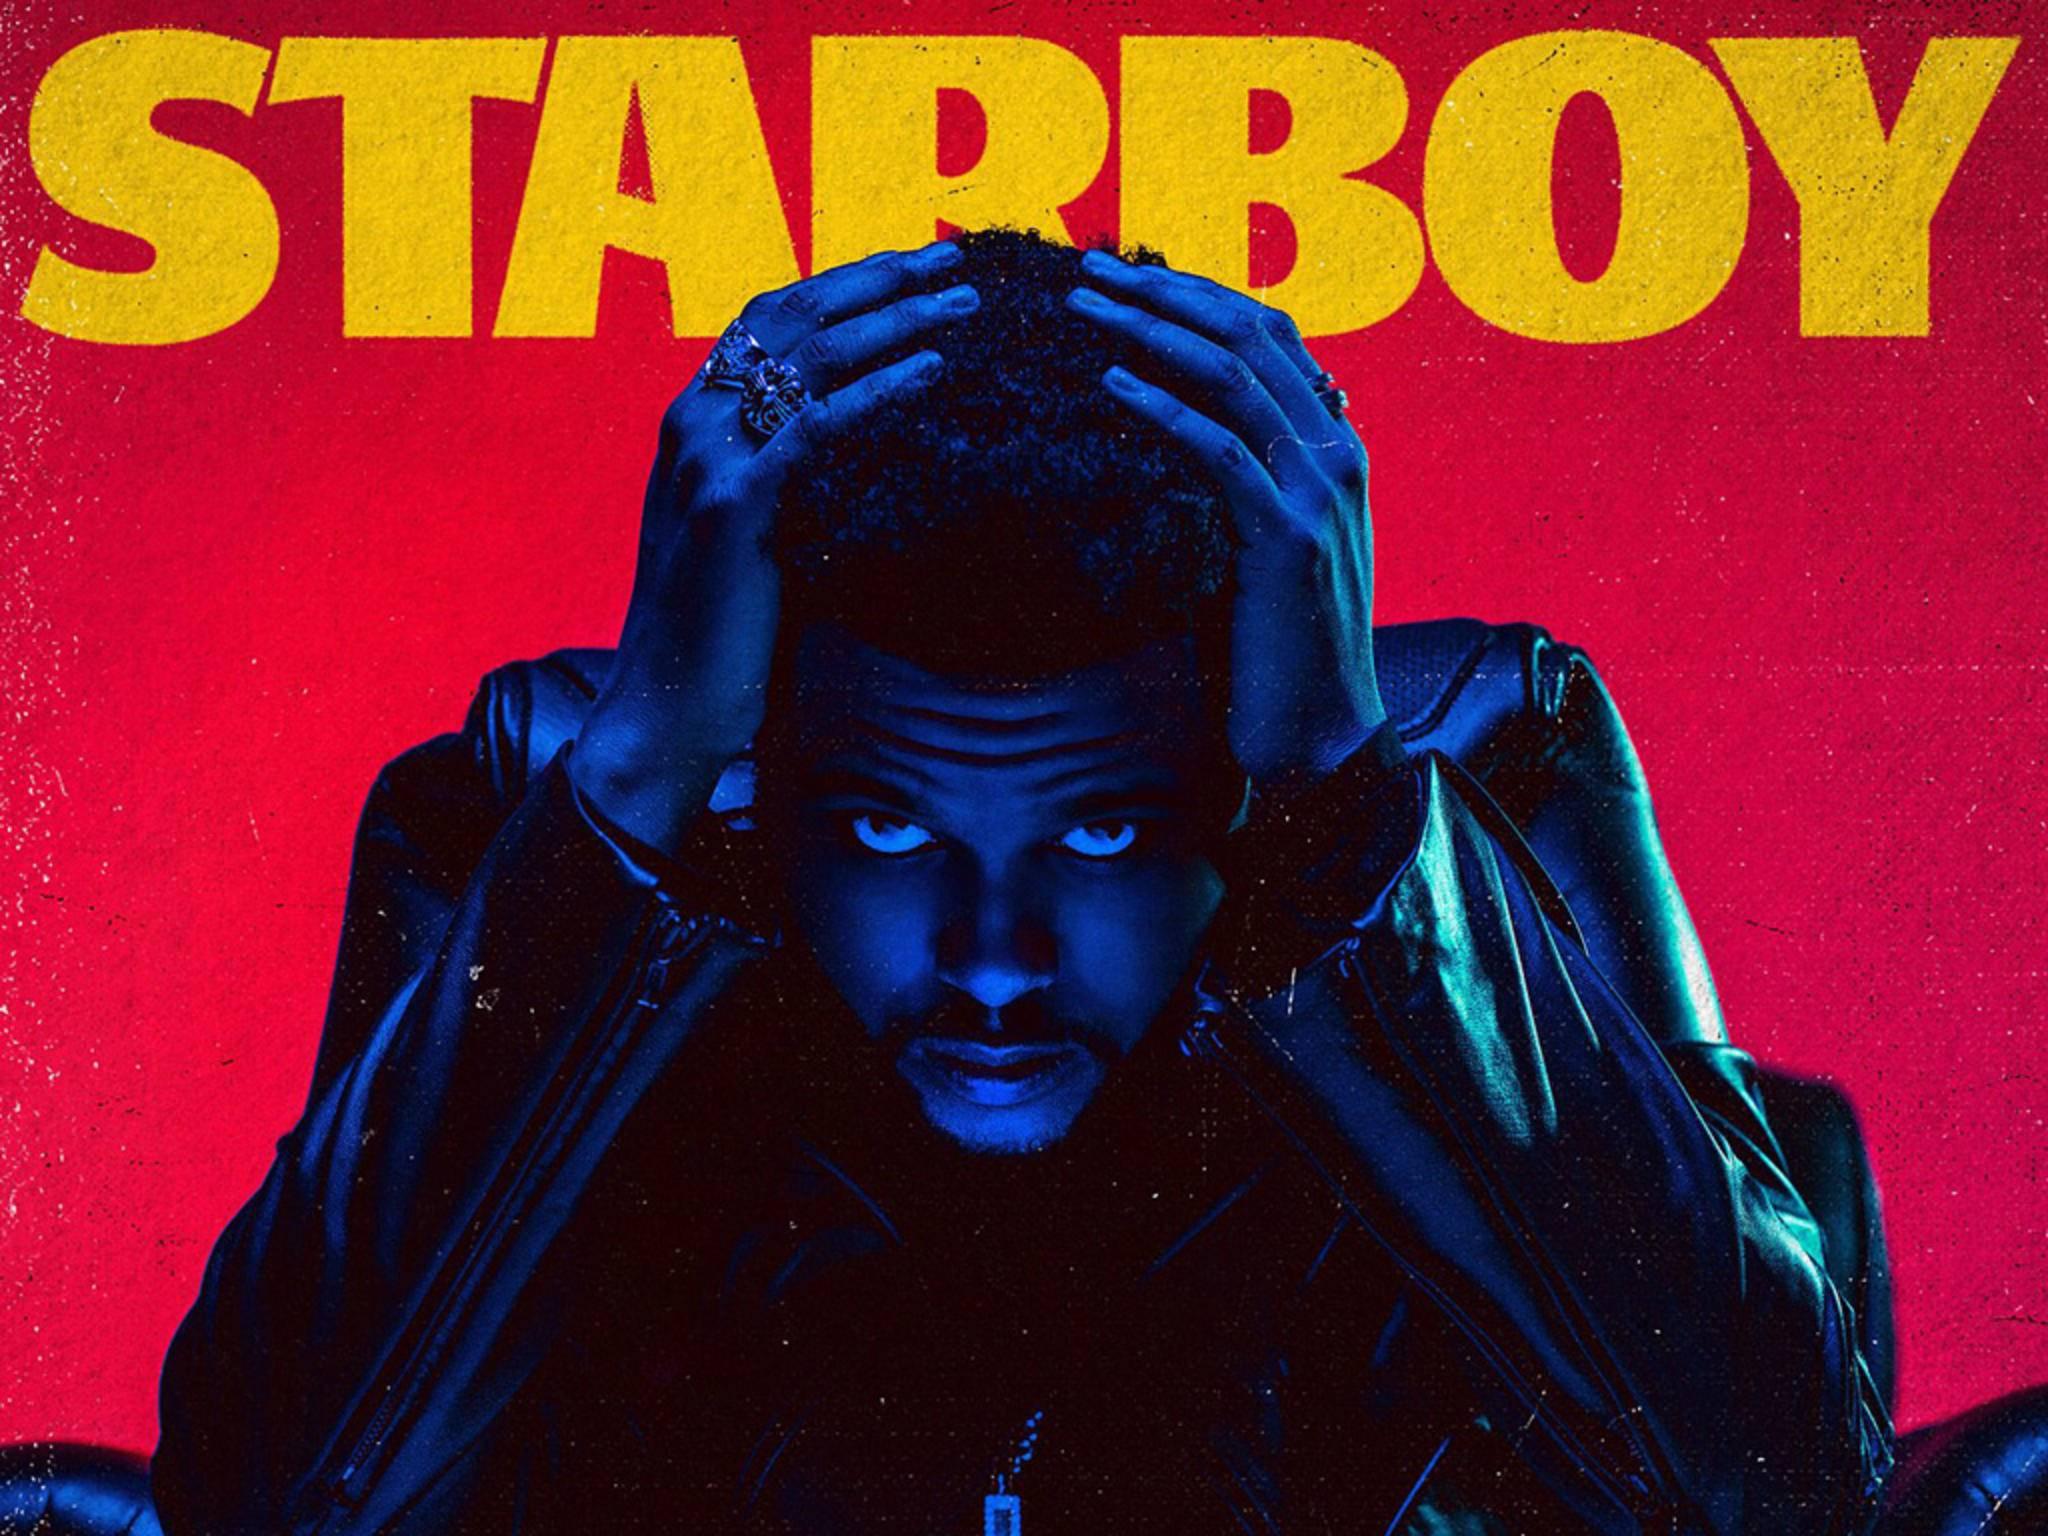 """The Weeknd veröffentlicht am 25. November sein neues Album """"Starboy""""."""